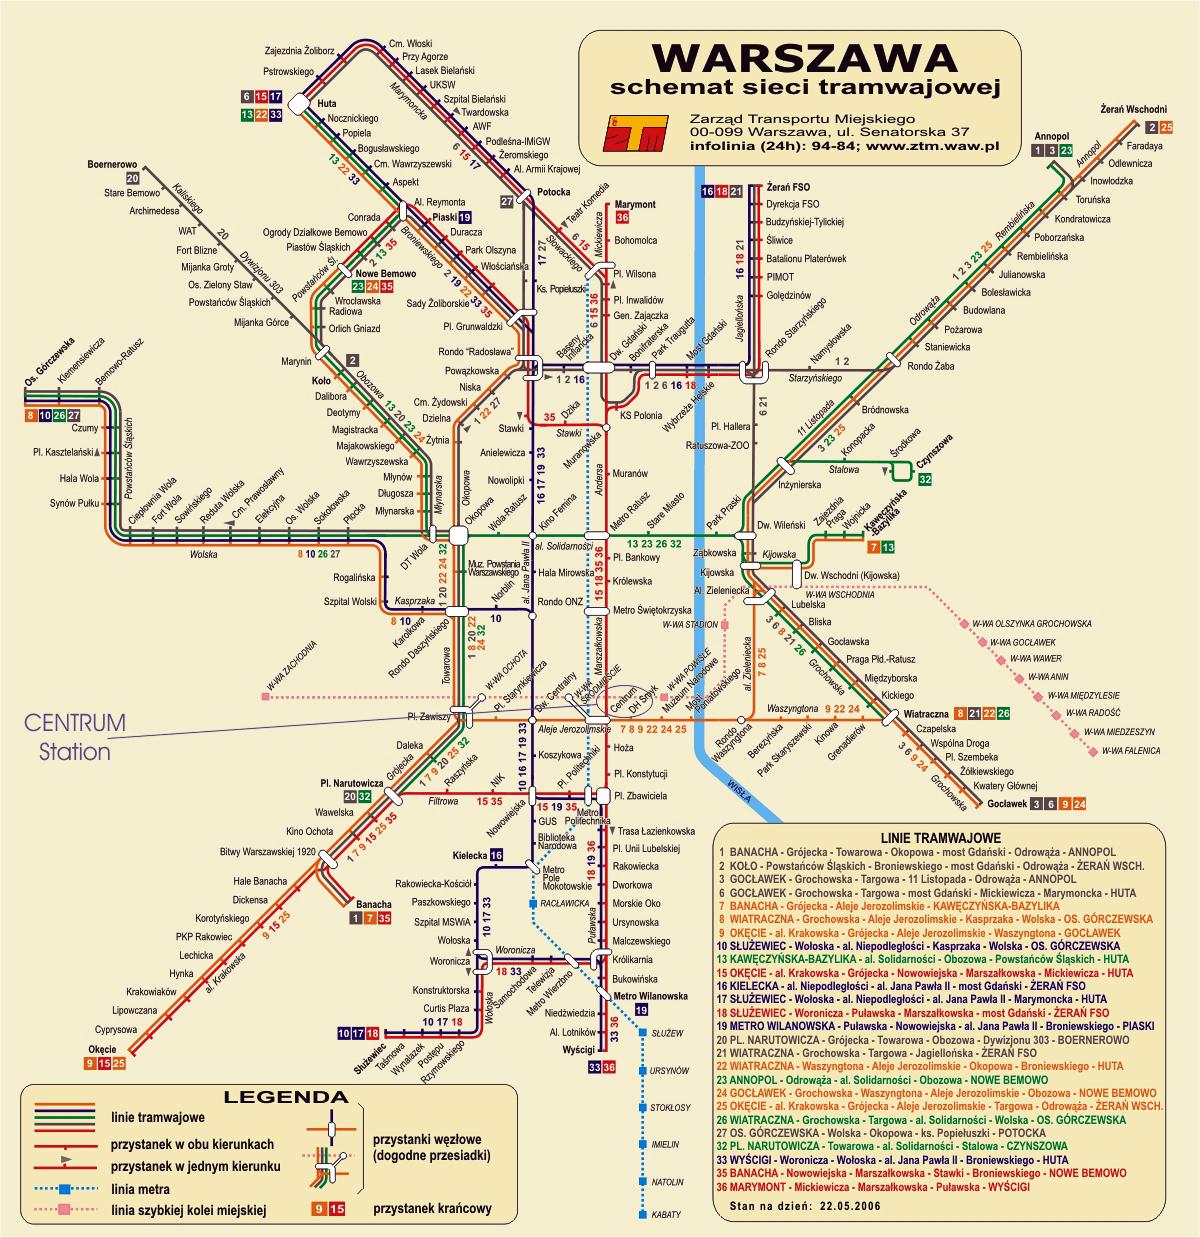 Warsaw Europe Map.Detailed Tram Map Of Warsaw City Warsaw Poland Europe